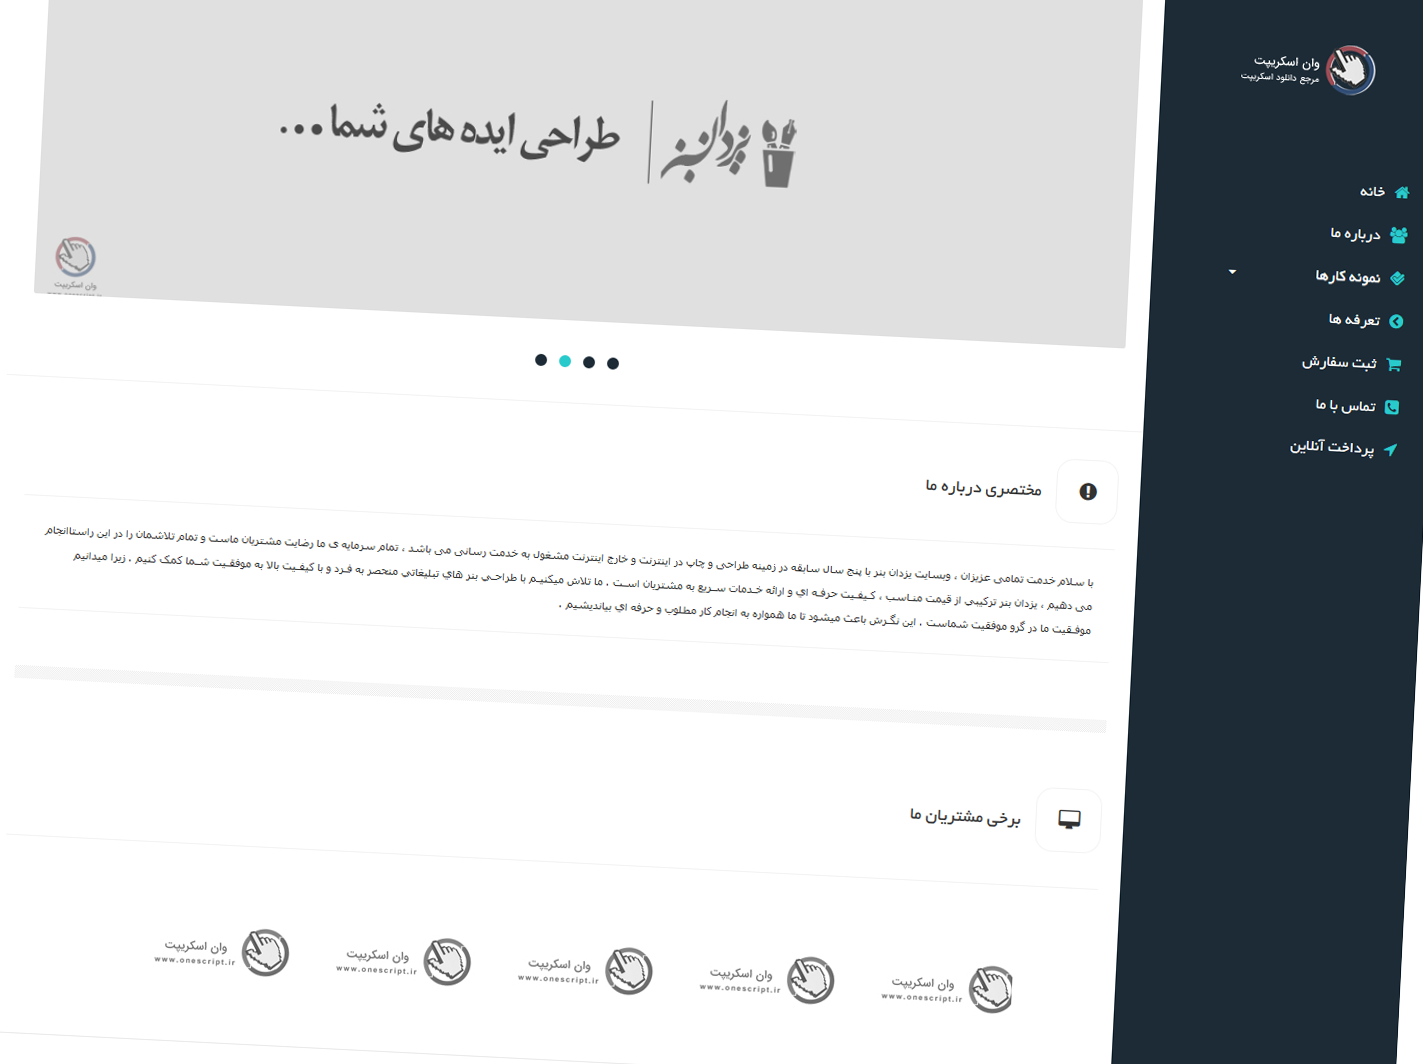 قالب html فارسی نمونه کار طراحی